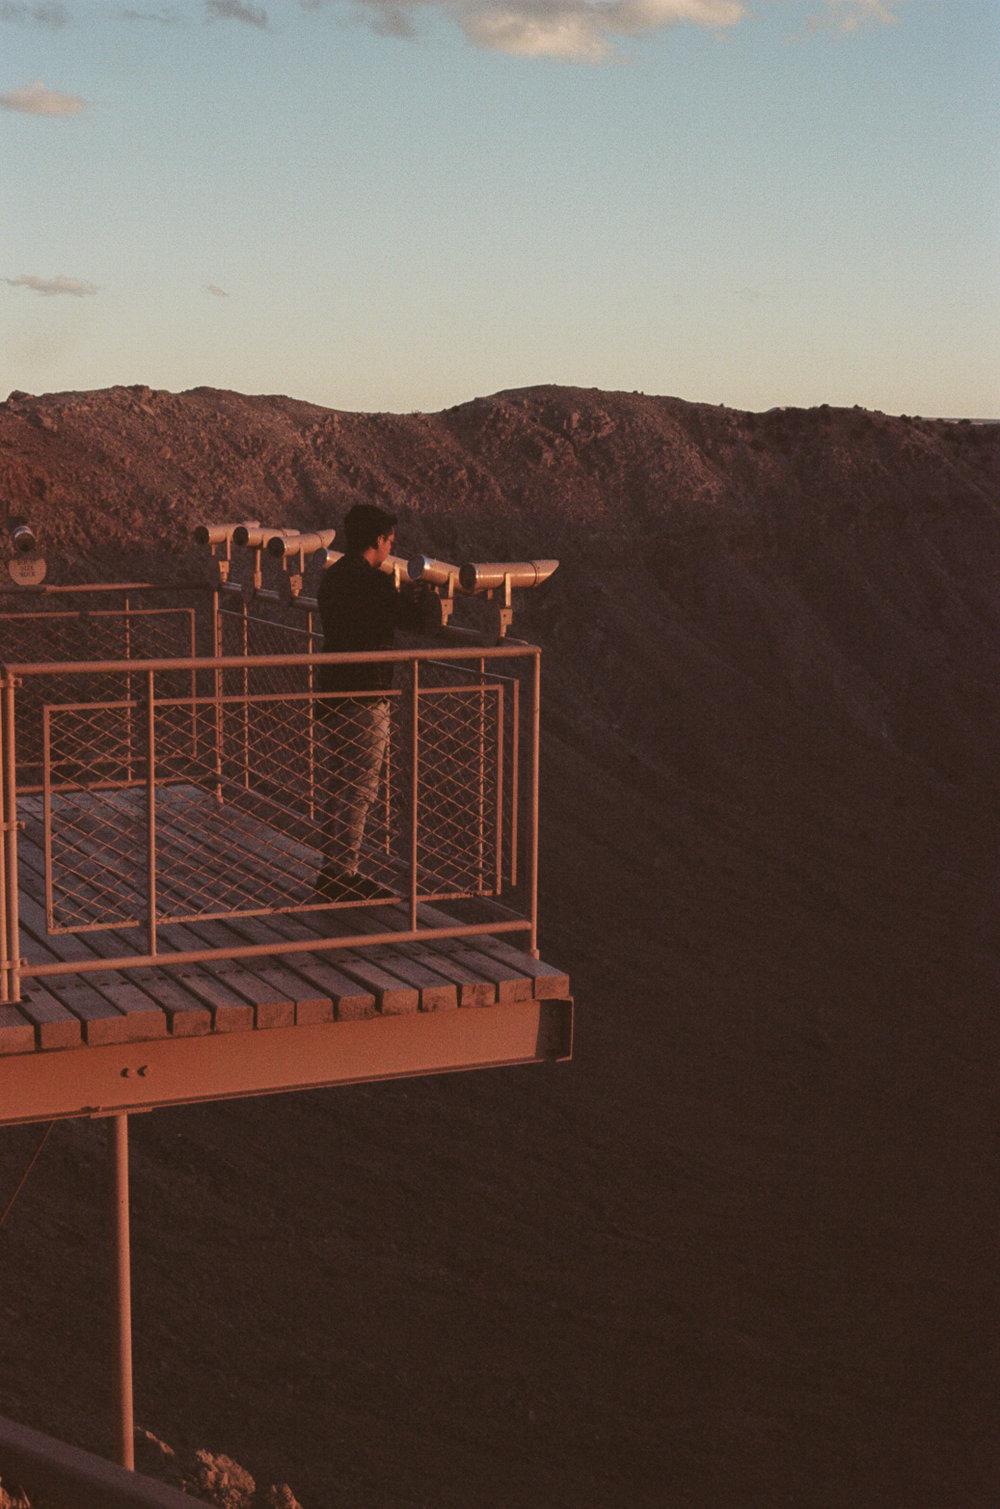 road-trip-arizona-meteor-crater-anderson-portra-160-3